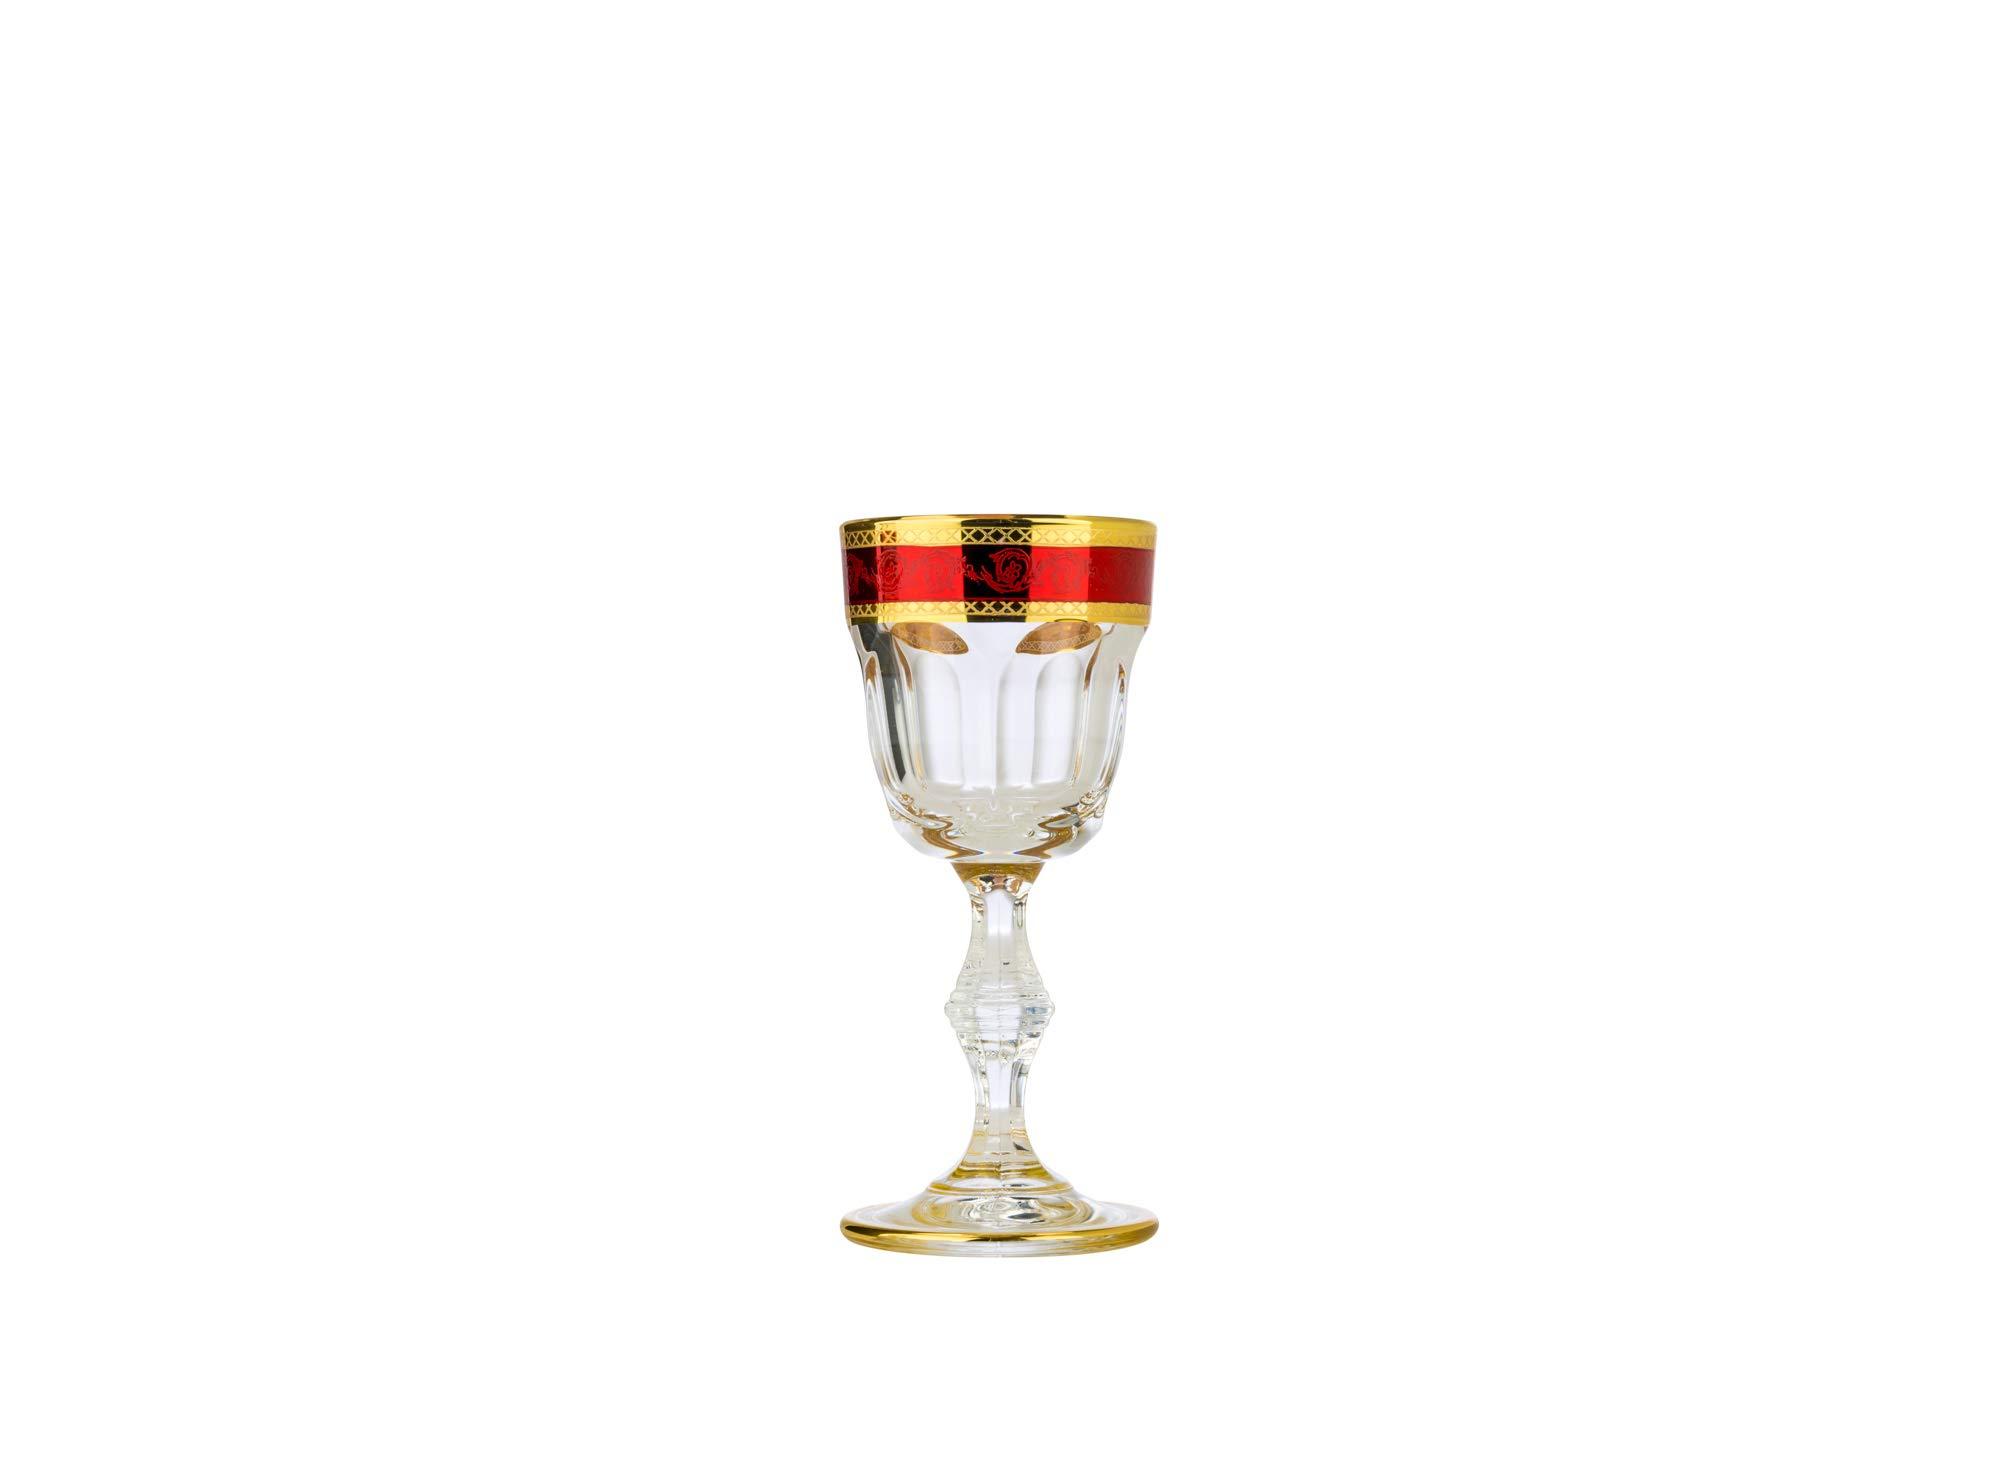 Art Decor A1047, 1 Oz Vintage Liquor Glasses, Provenza Antique Shot Glasses w/Multicolor Gold Rim, Set of 6